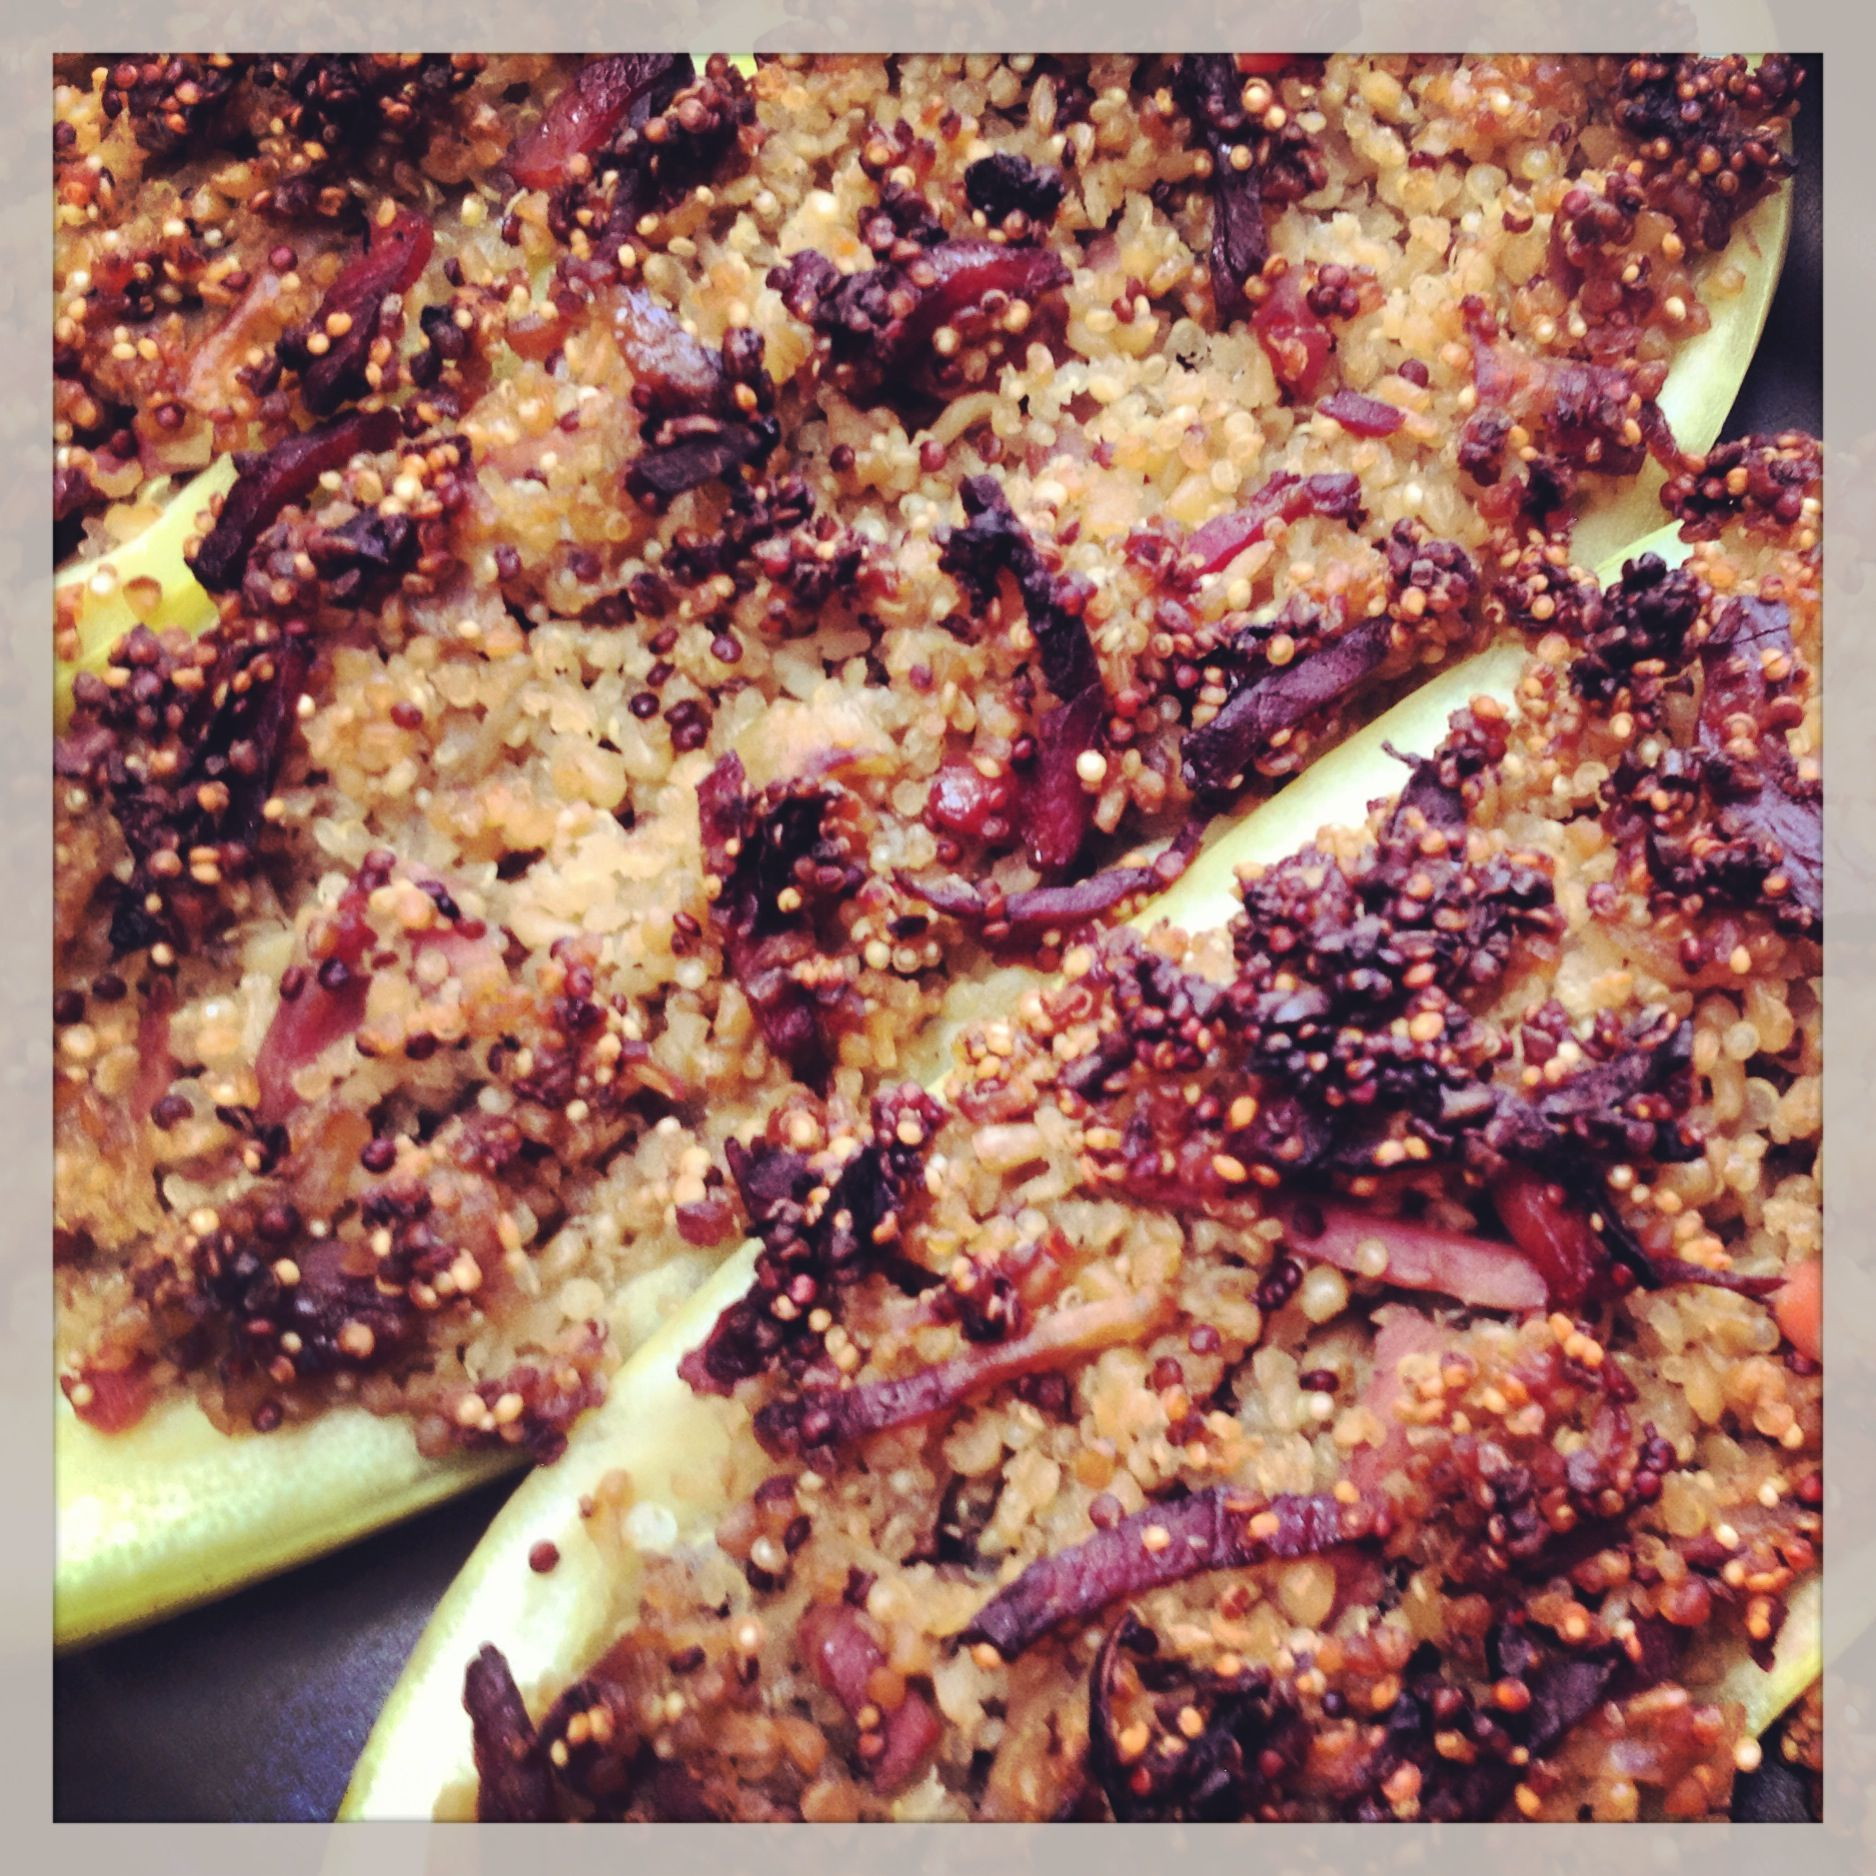 Courgettes farcies au quinoa #cuisine #plat #platprincipal #salé #courgette #quinoa #légume  #français